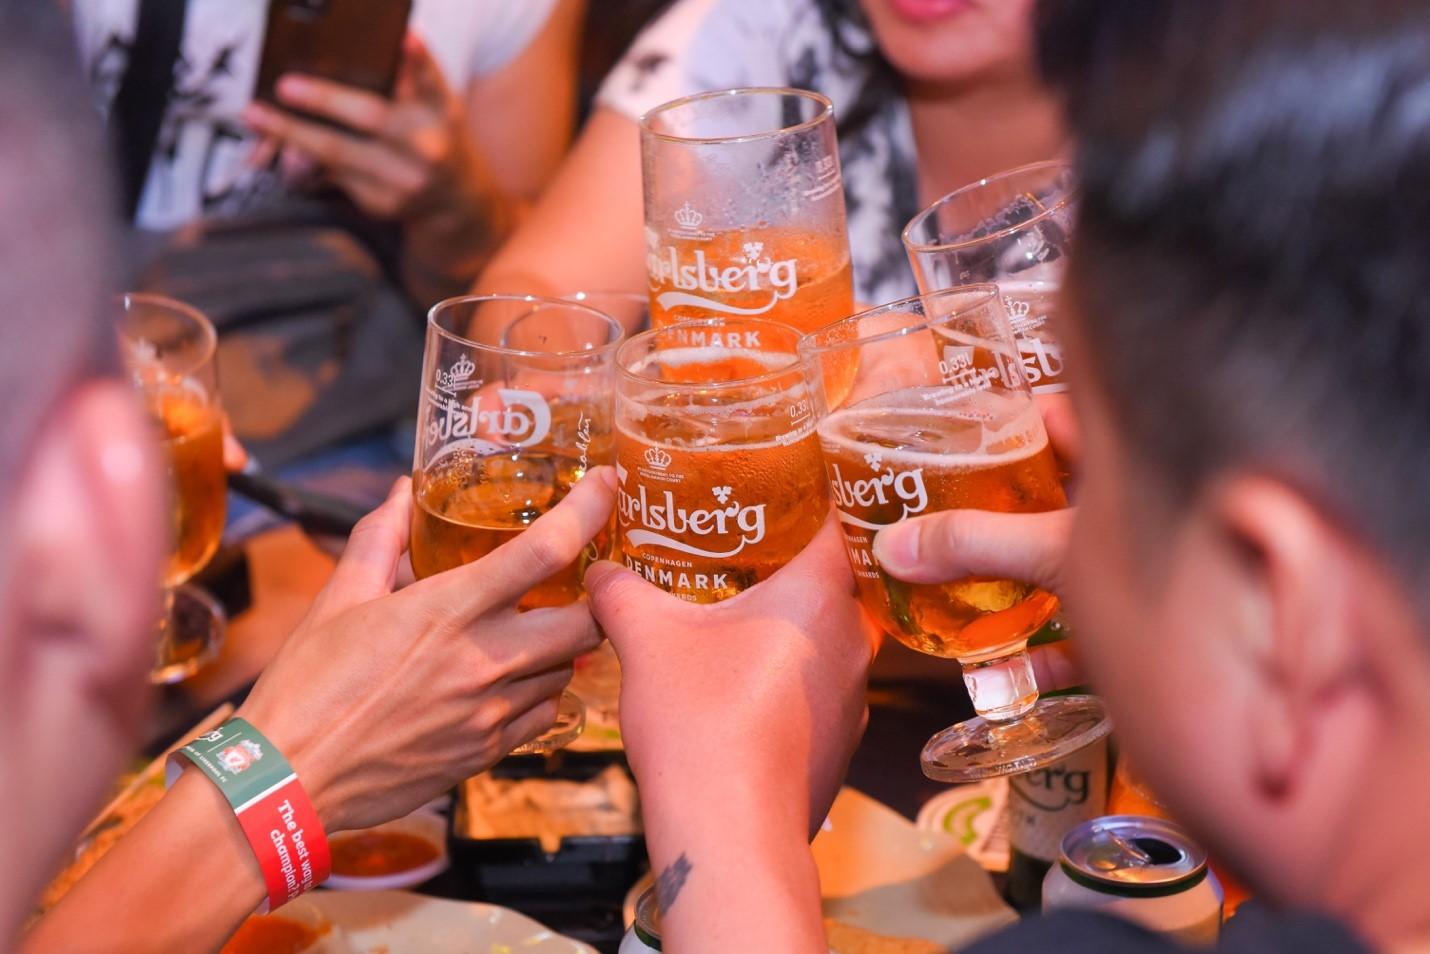 Sự kết hợp giữa Carlsberg Premium Smooth Draught và ly bia hảo hạng sẽ giúp những bữa tiệc thêm phần thăng hoa, đáng nhớ.